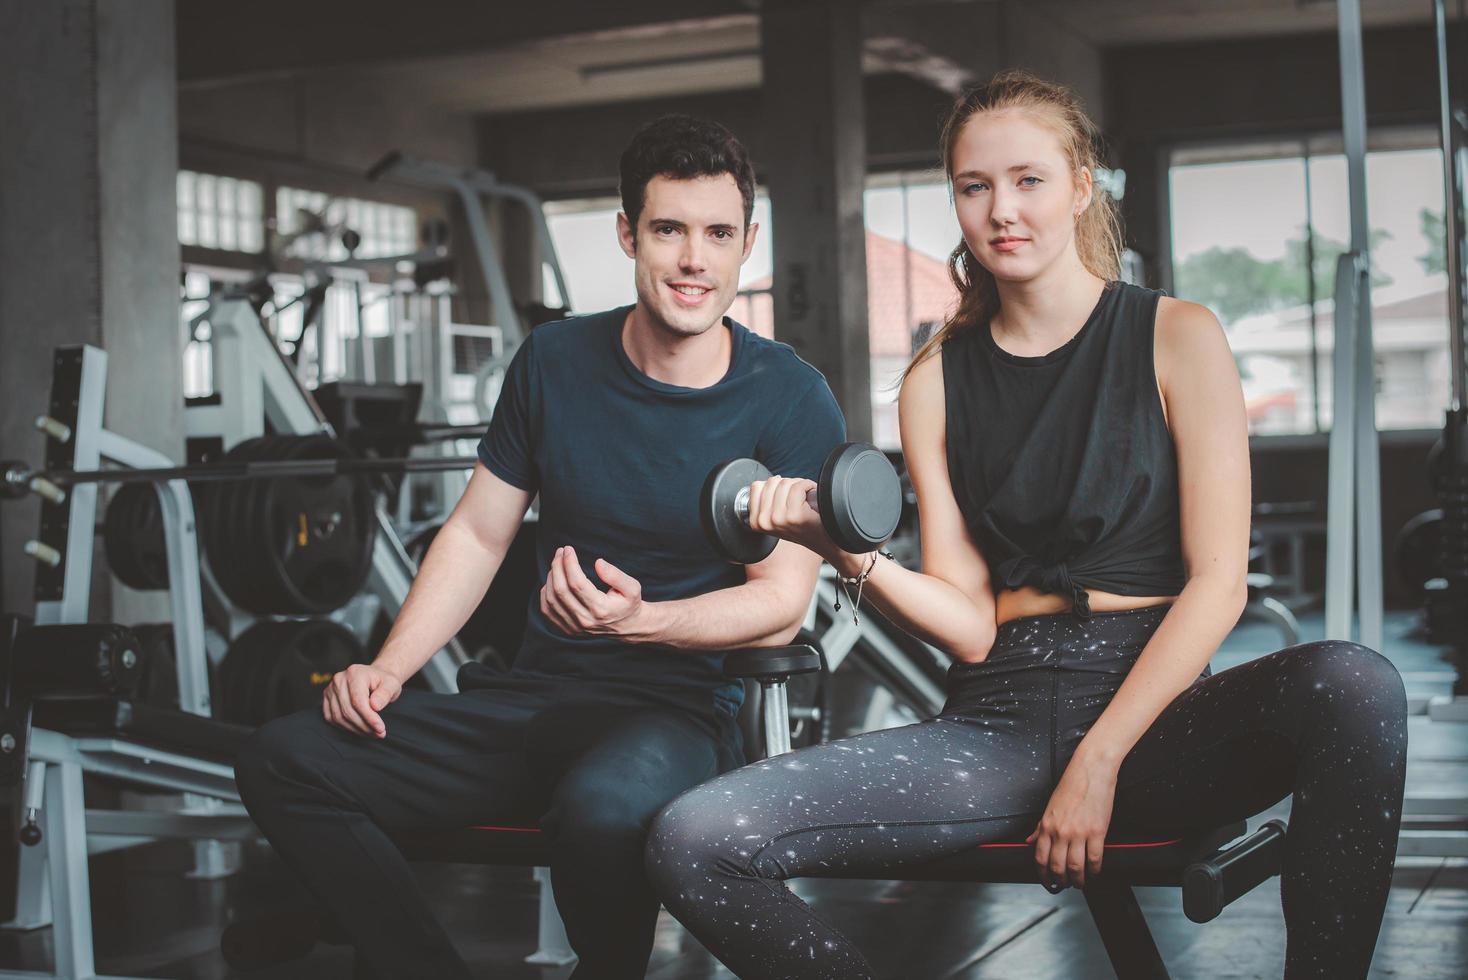 Paar zusammen im Fitnessstudio trainieren foto